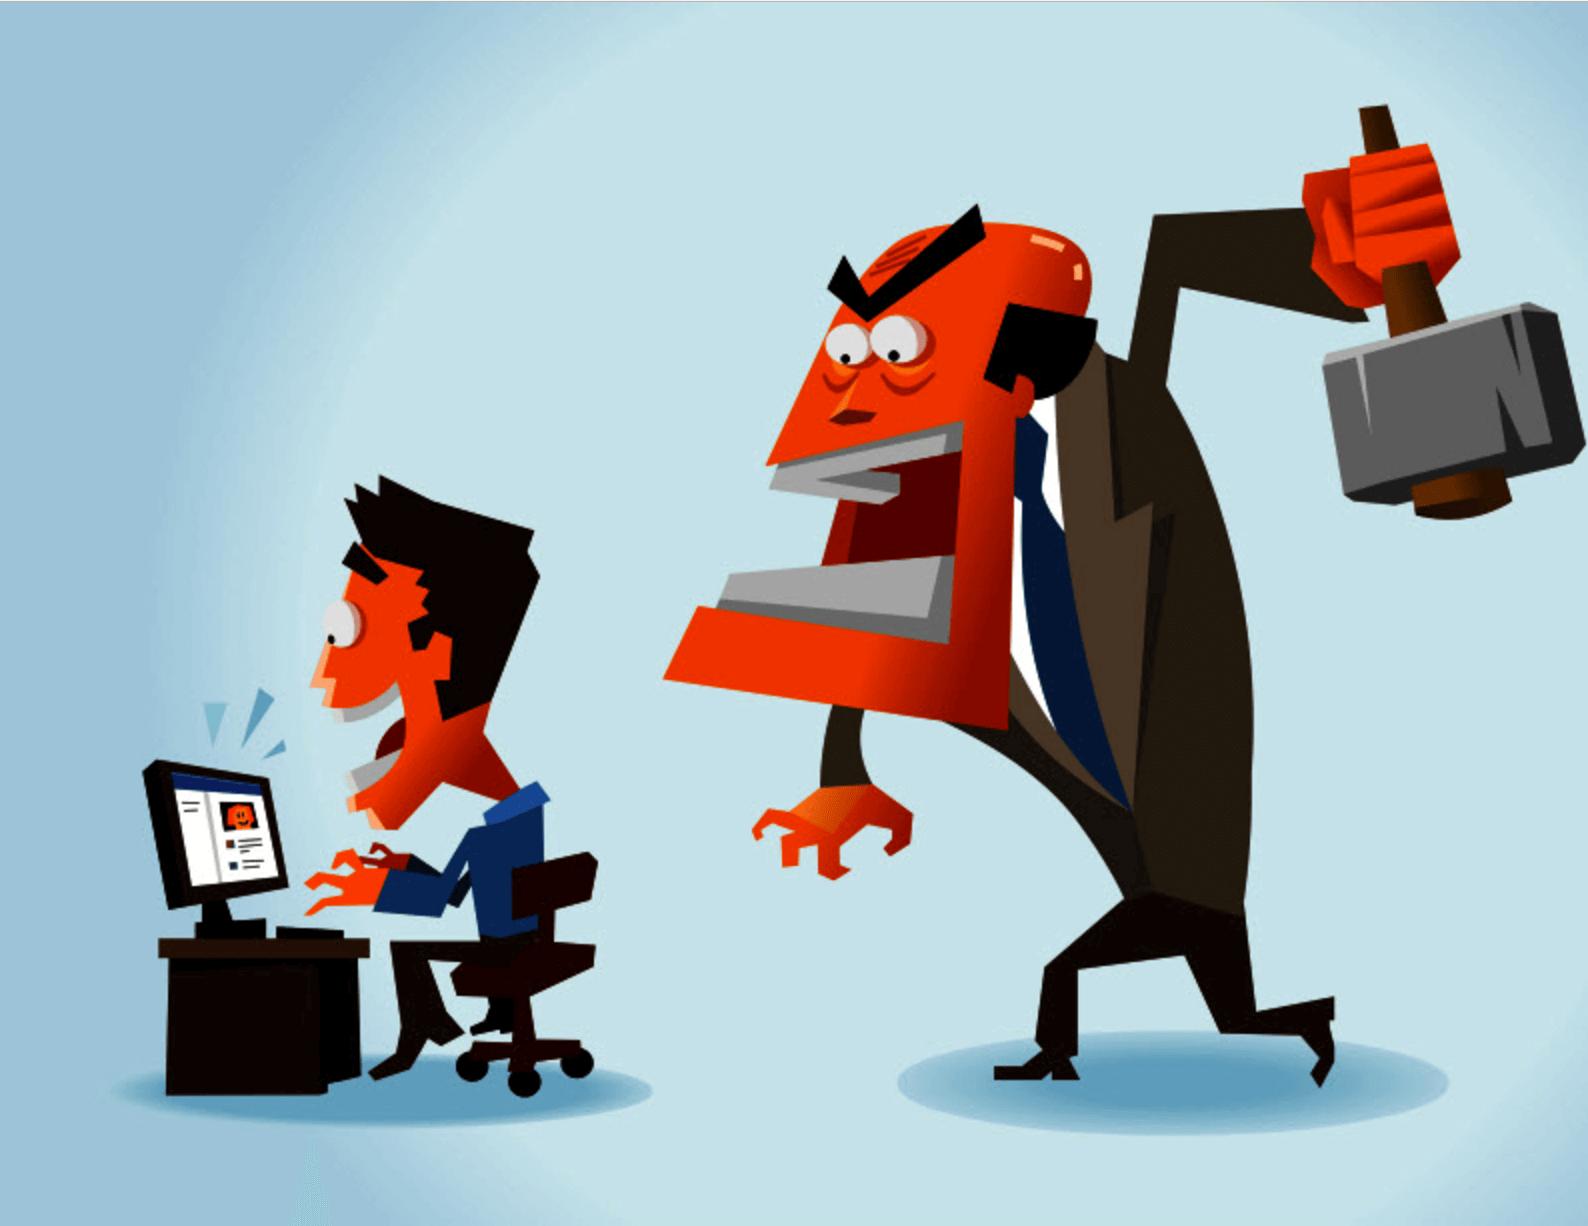 Çalışanlarınızın Verimini Artıracak 4 Yöntem